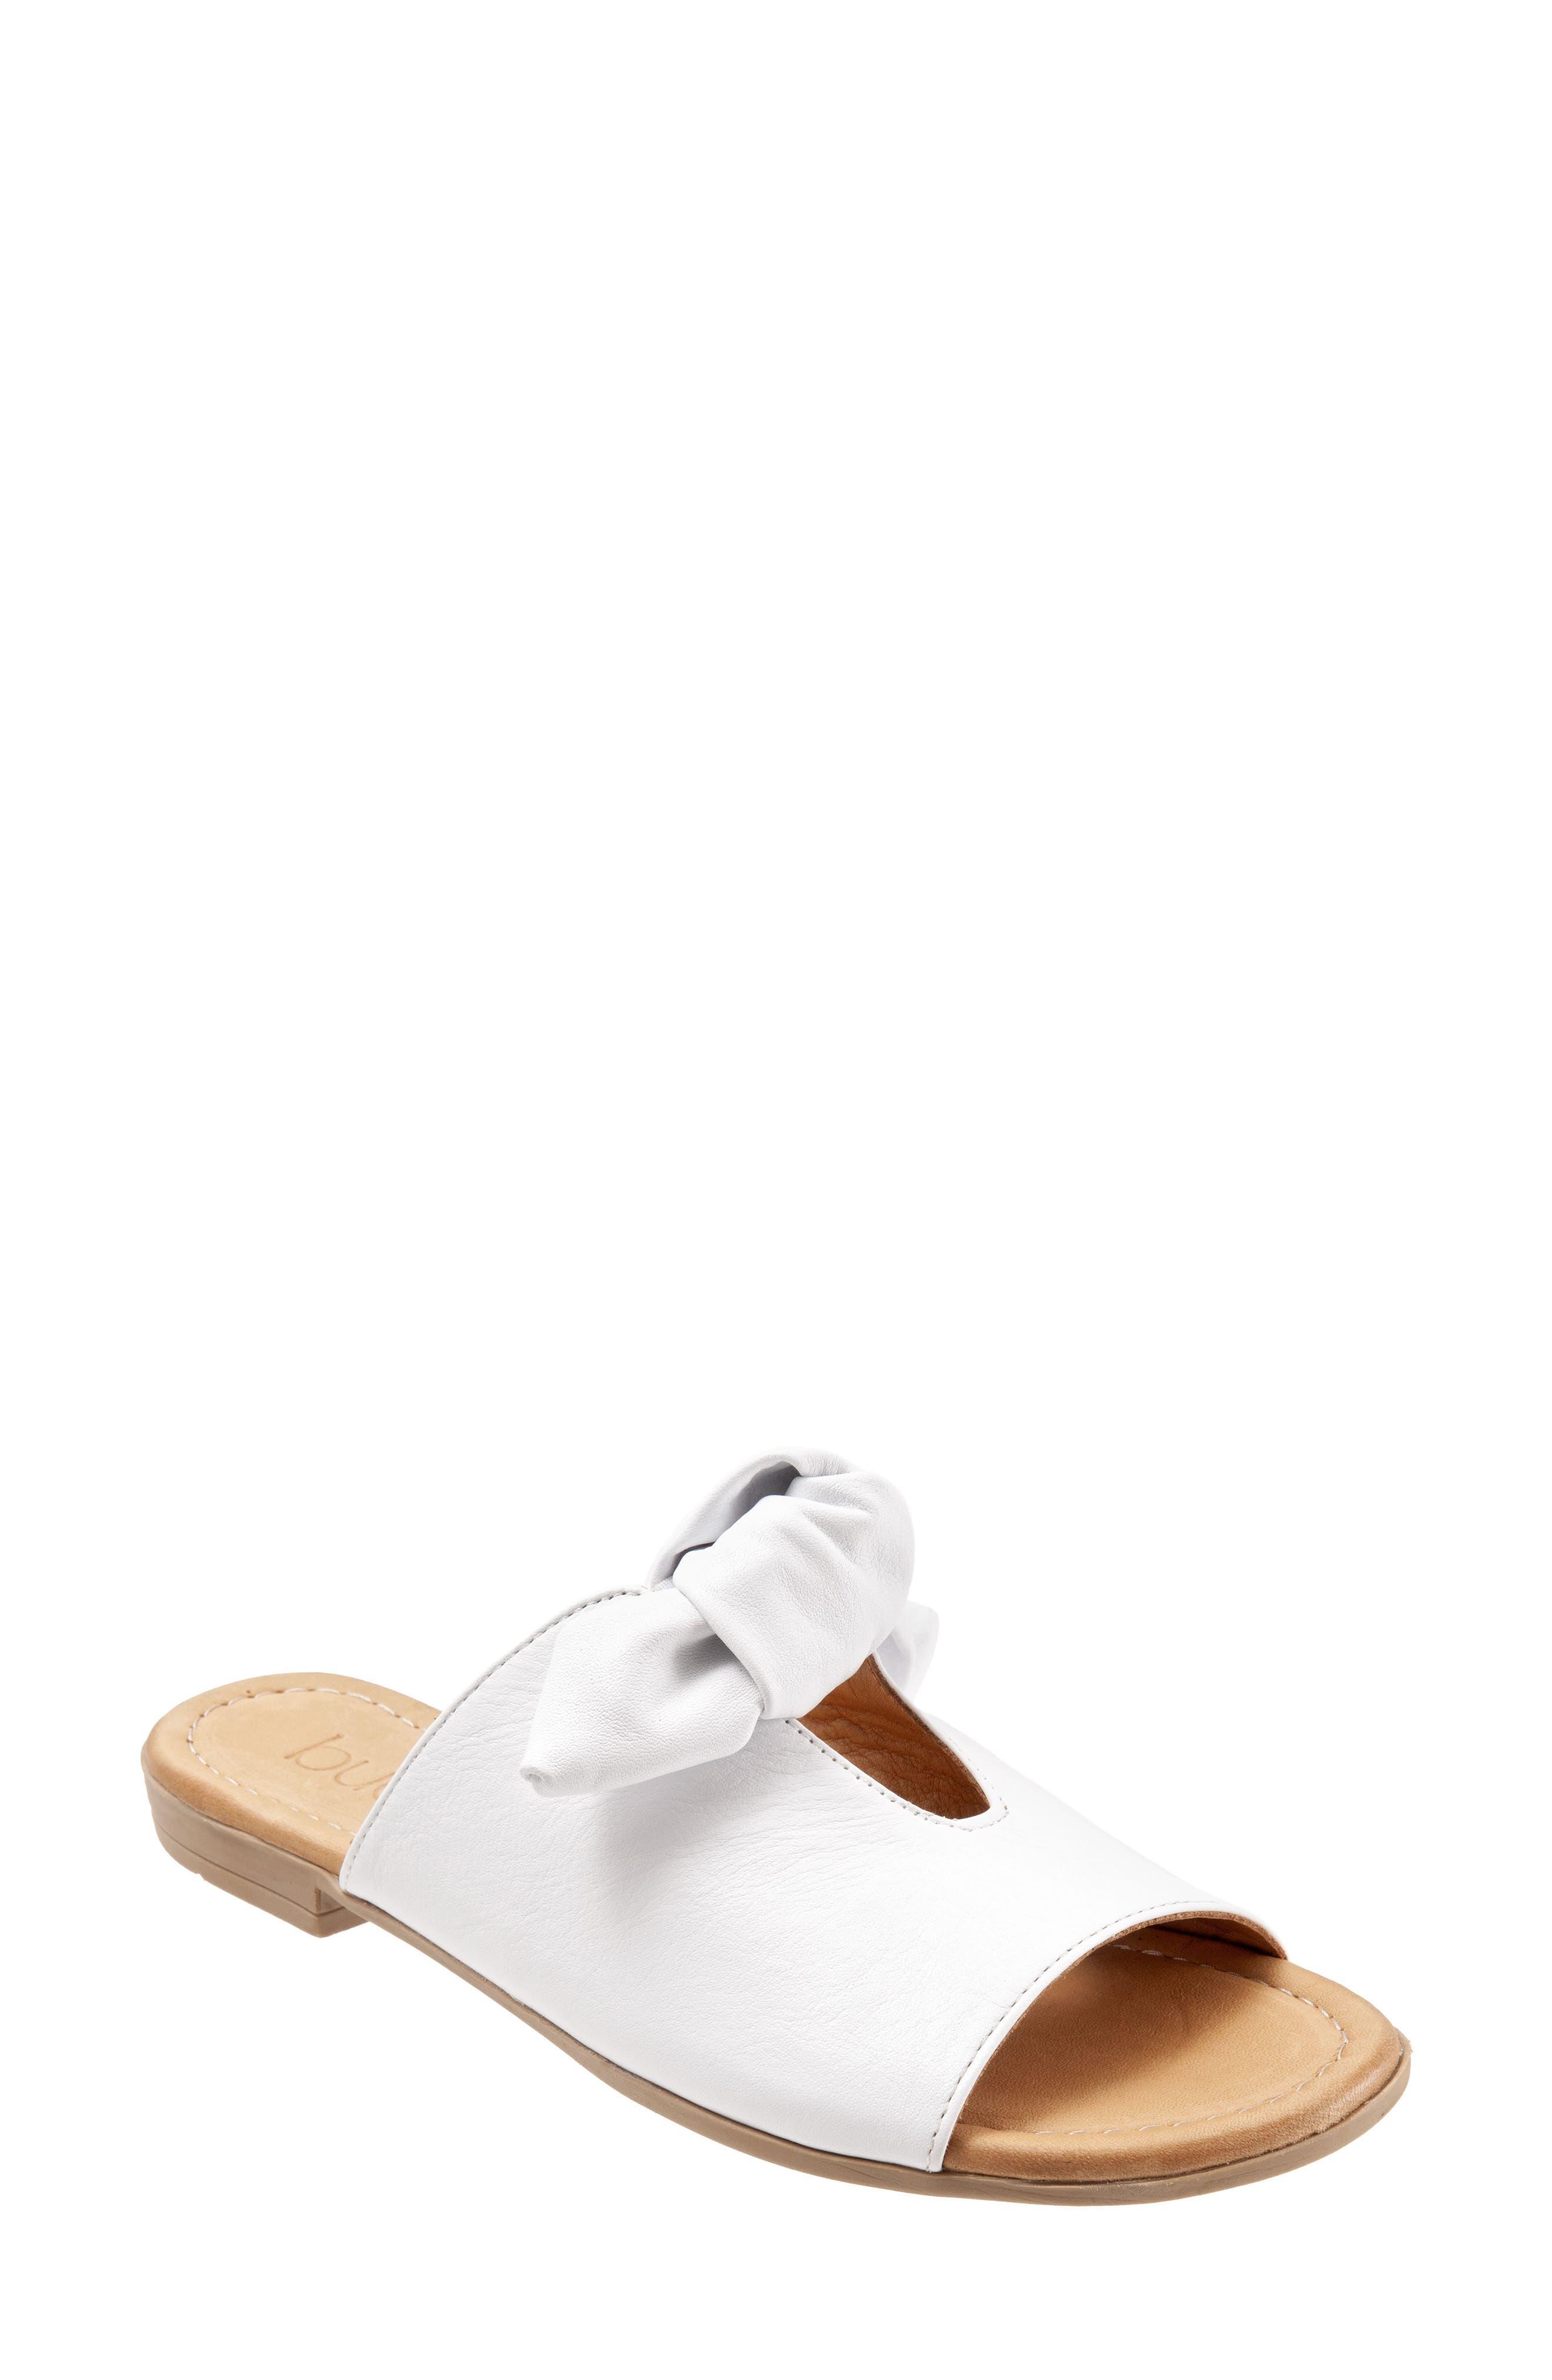 Joley Slide Sandal